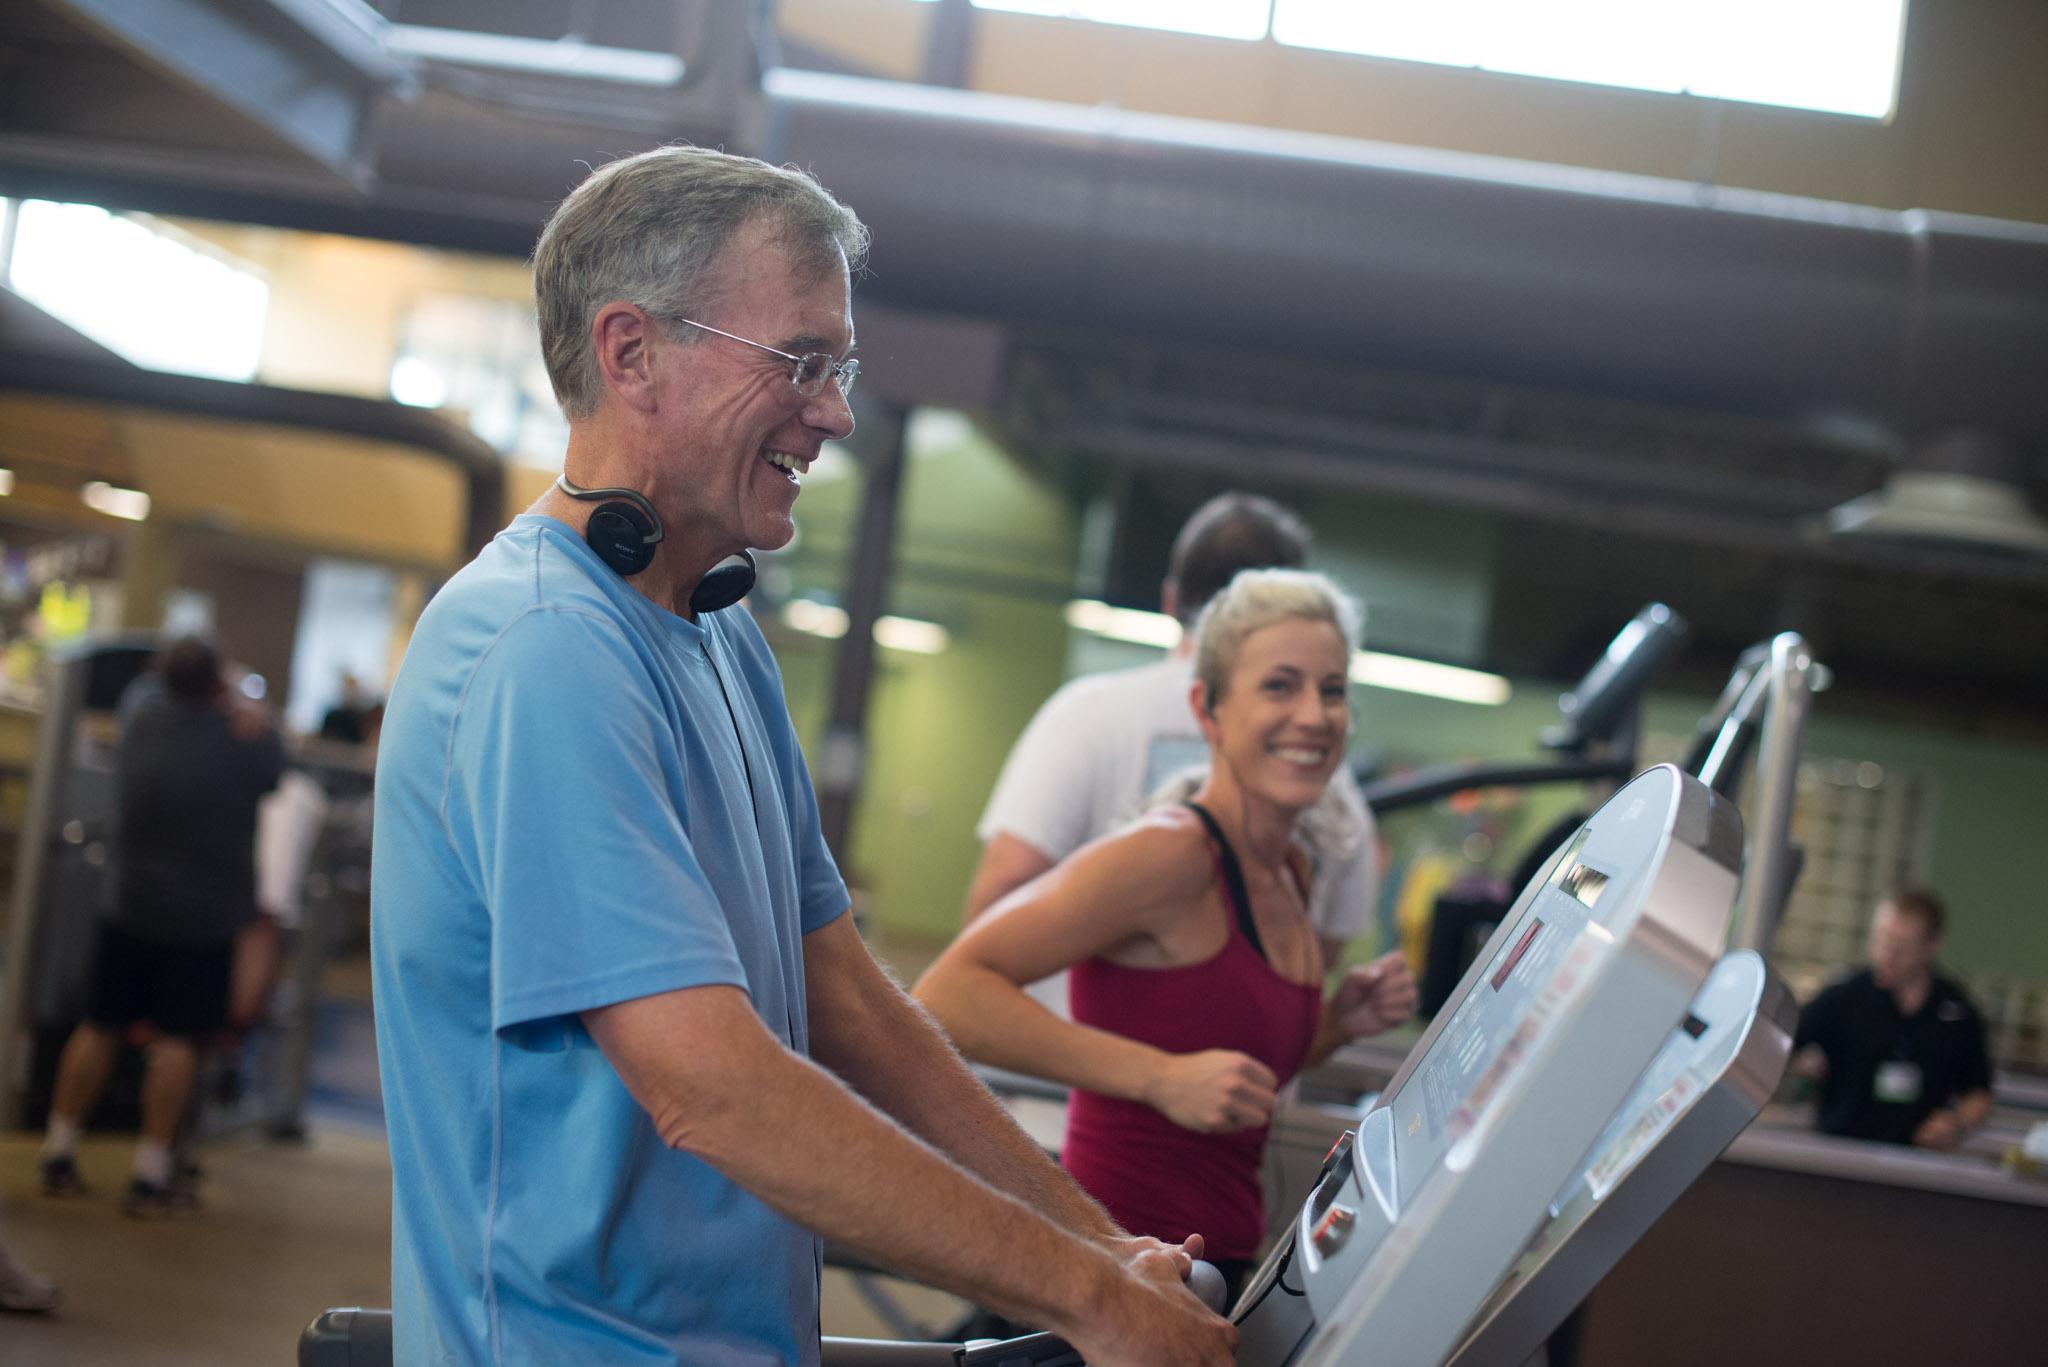 Wellness Center Stock Photos-1249.jpg